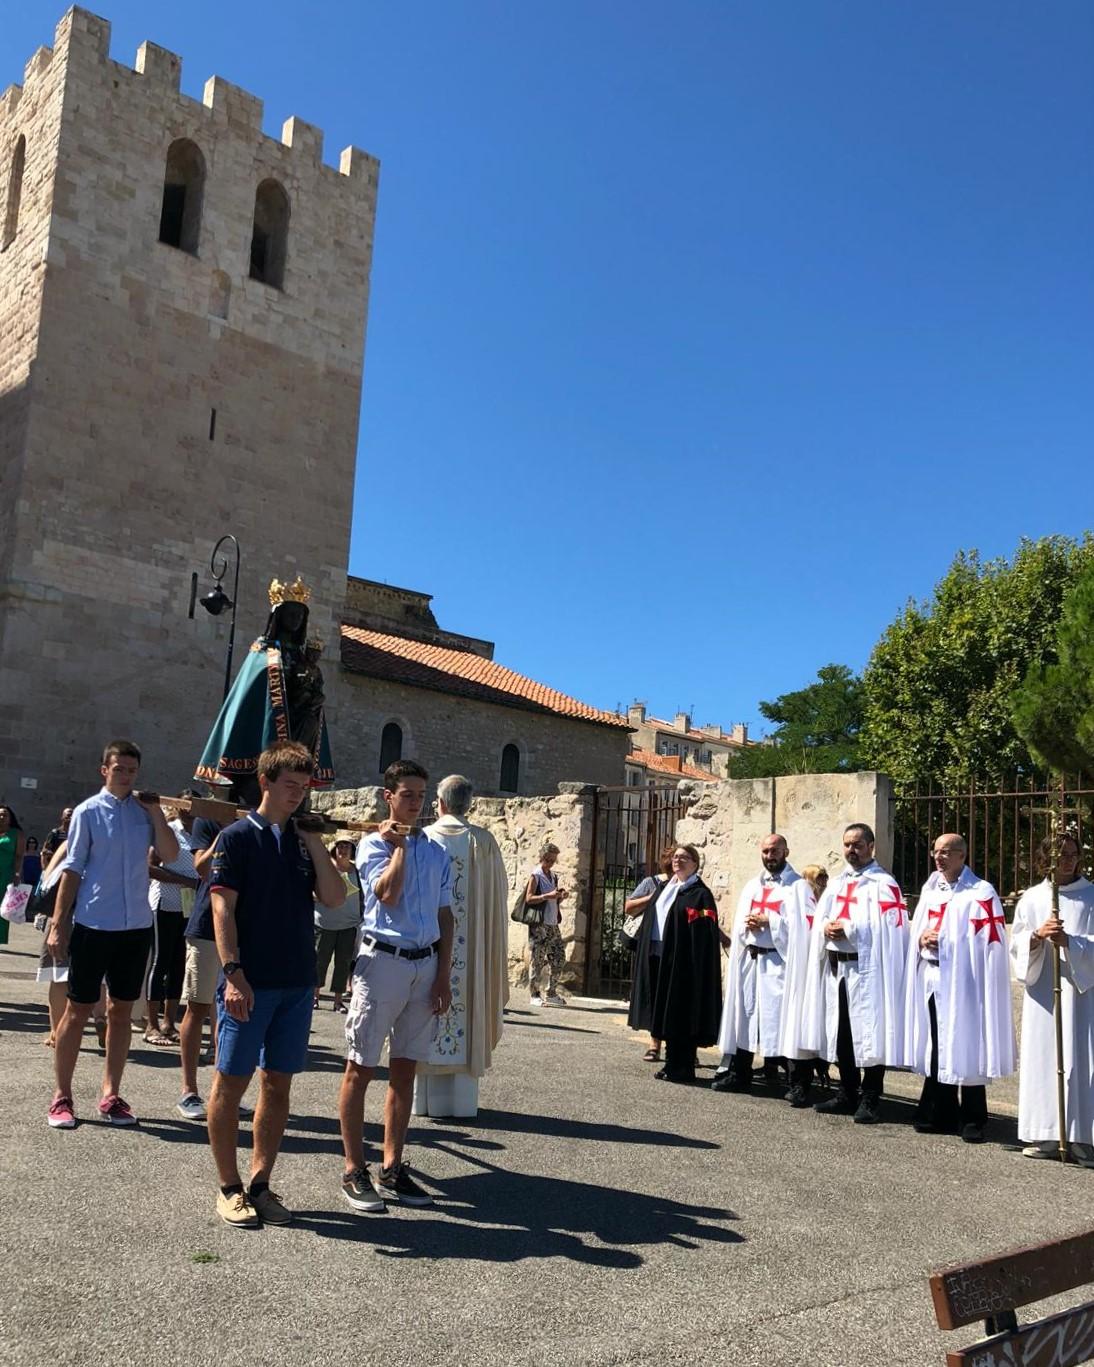 Les Templiers Catholiques de France participent à l'office de la Sainte Messe et à la procession pour la fête de l'Assomption de la Vierge Marie dans l'Abbaye de Saint-Victor en Marseille